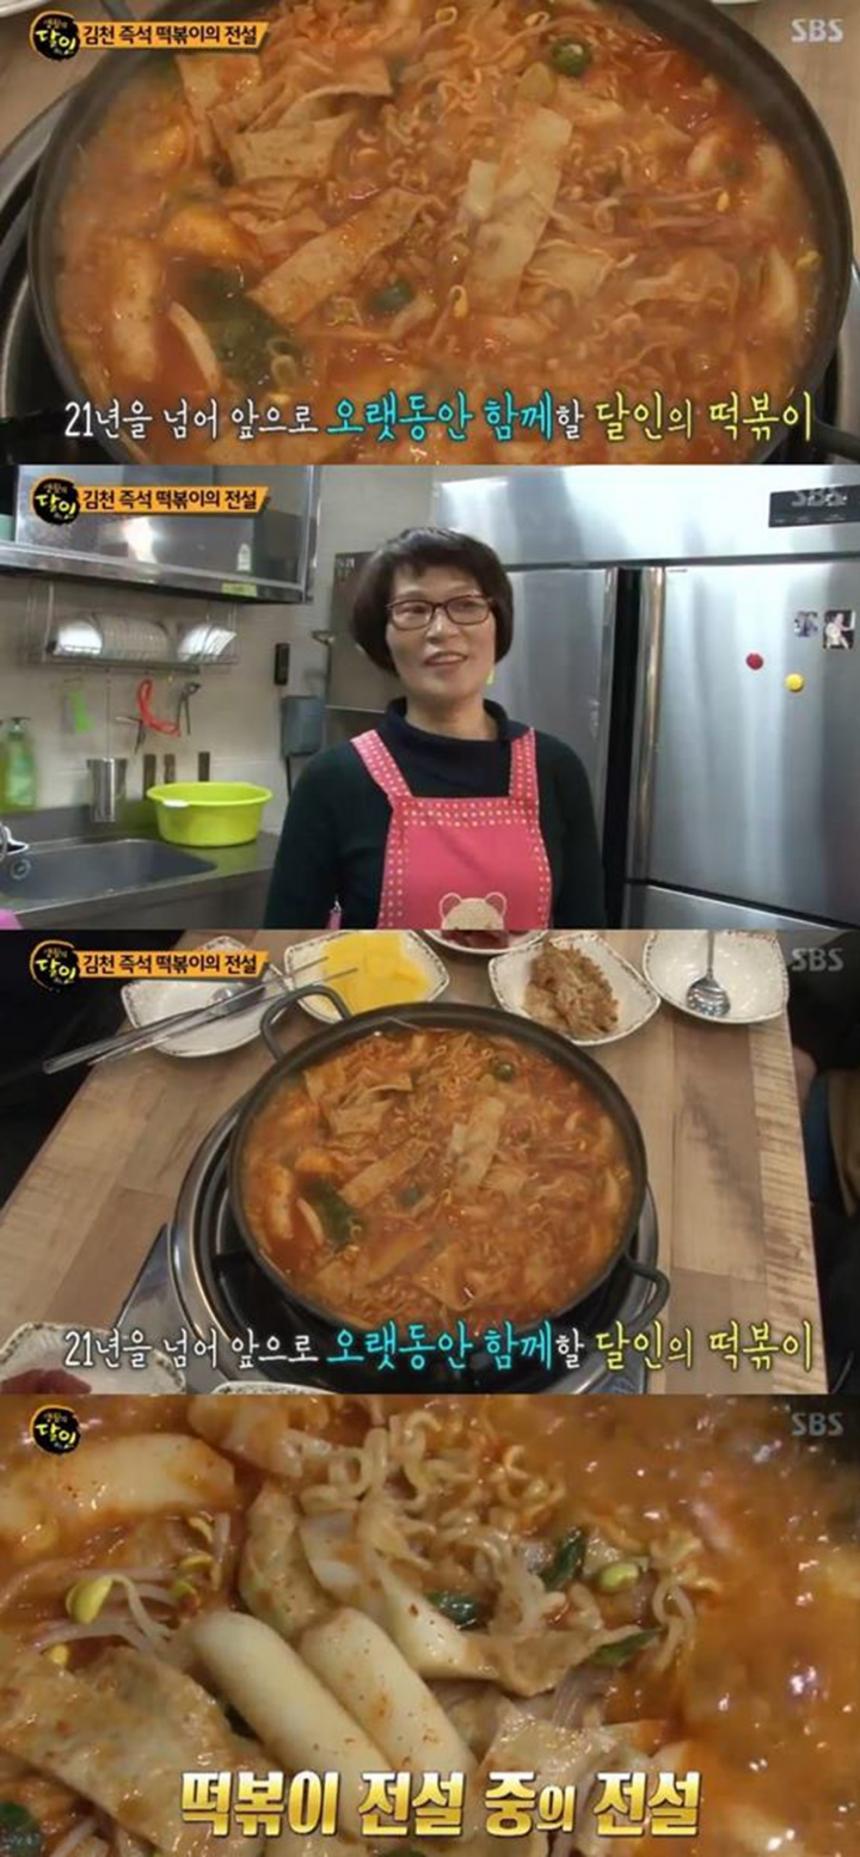 '생활의 달인' 방송캡쳐